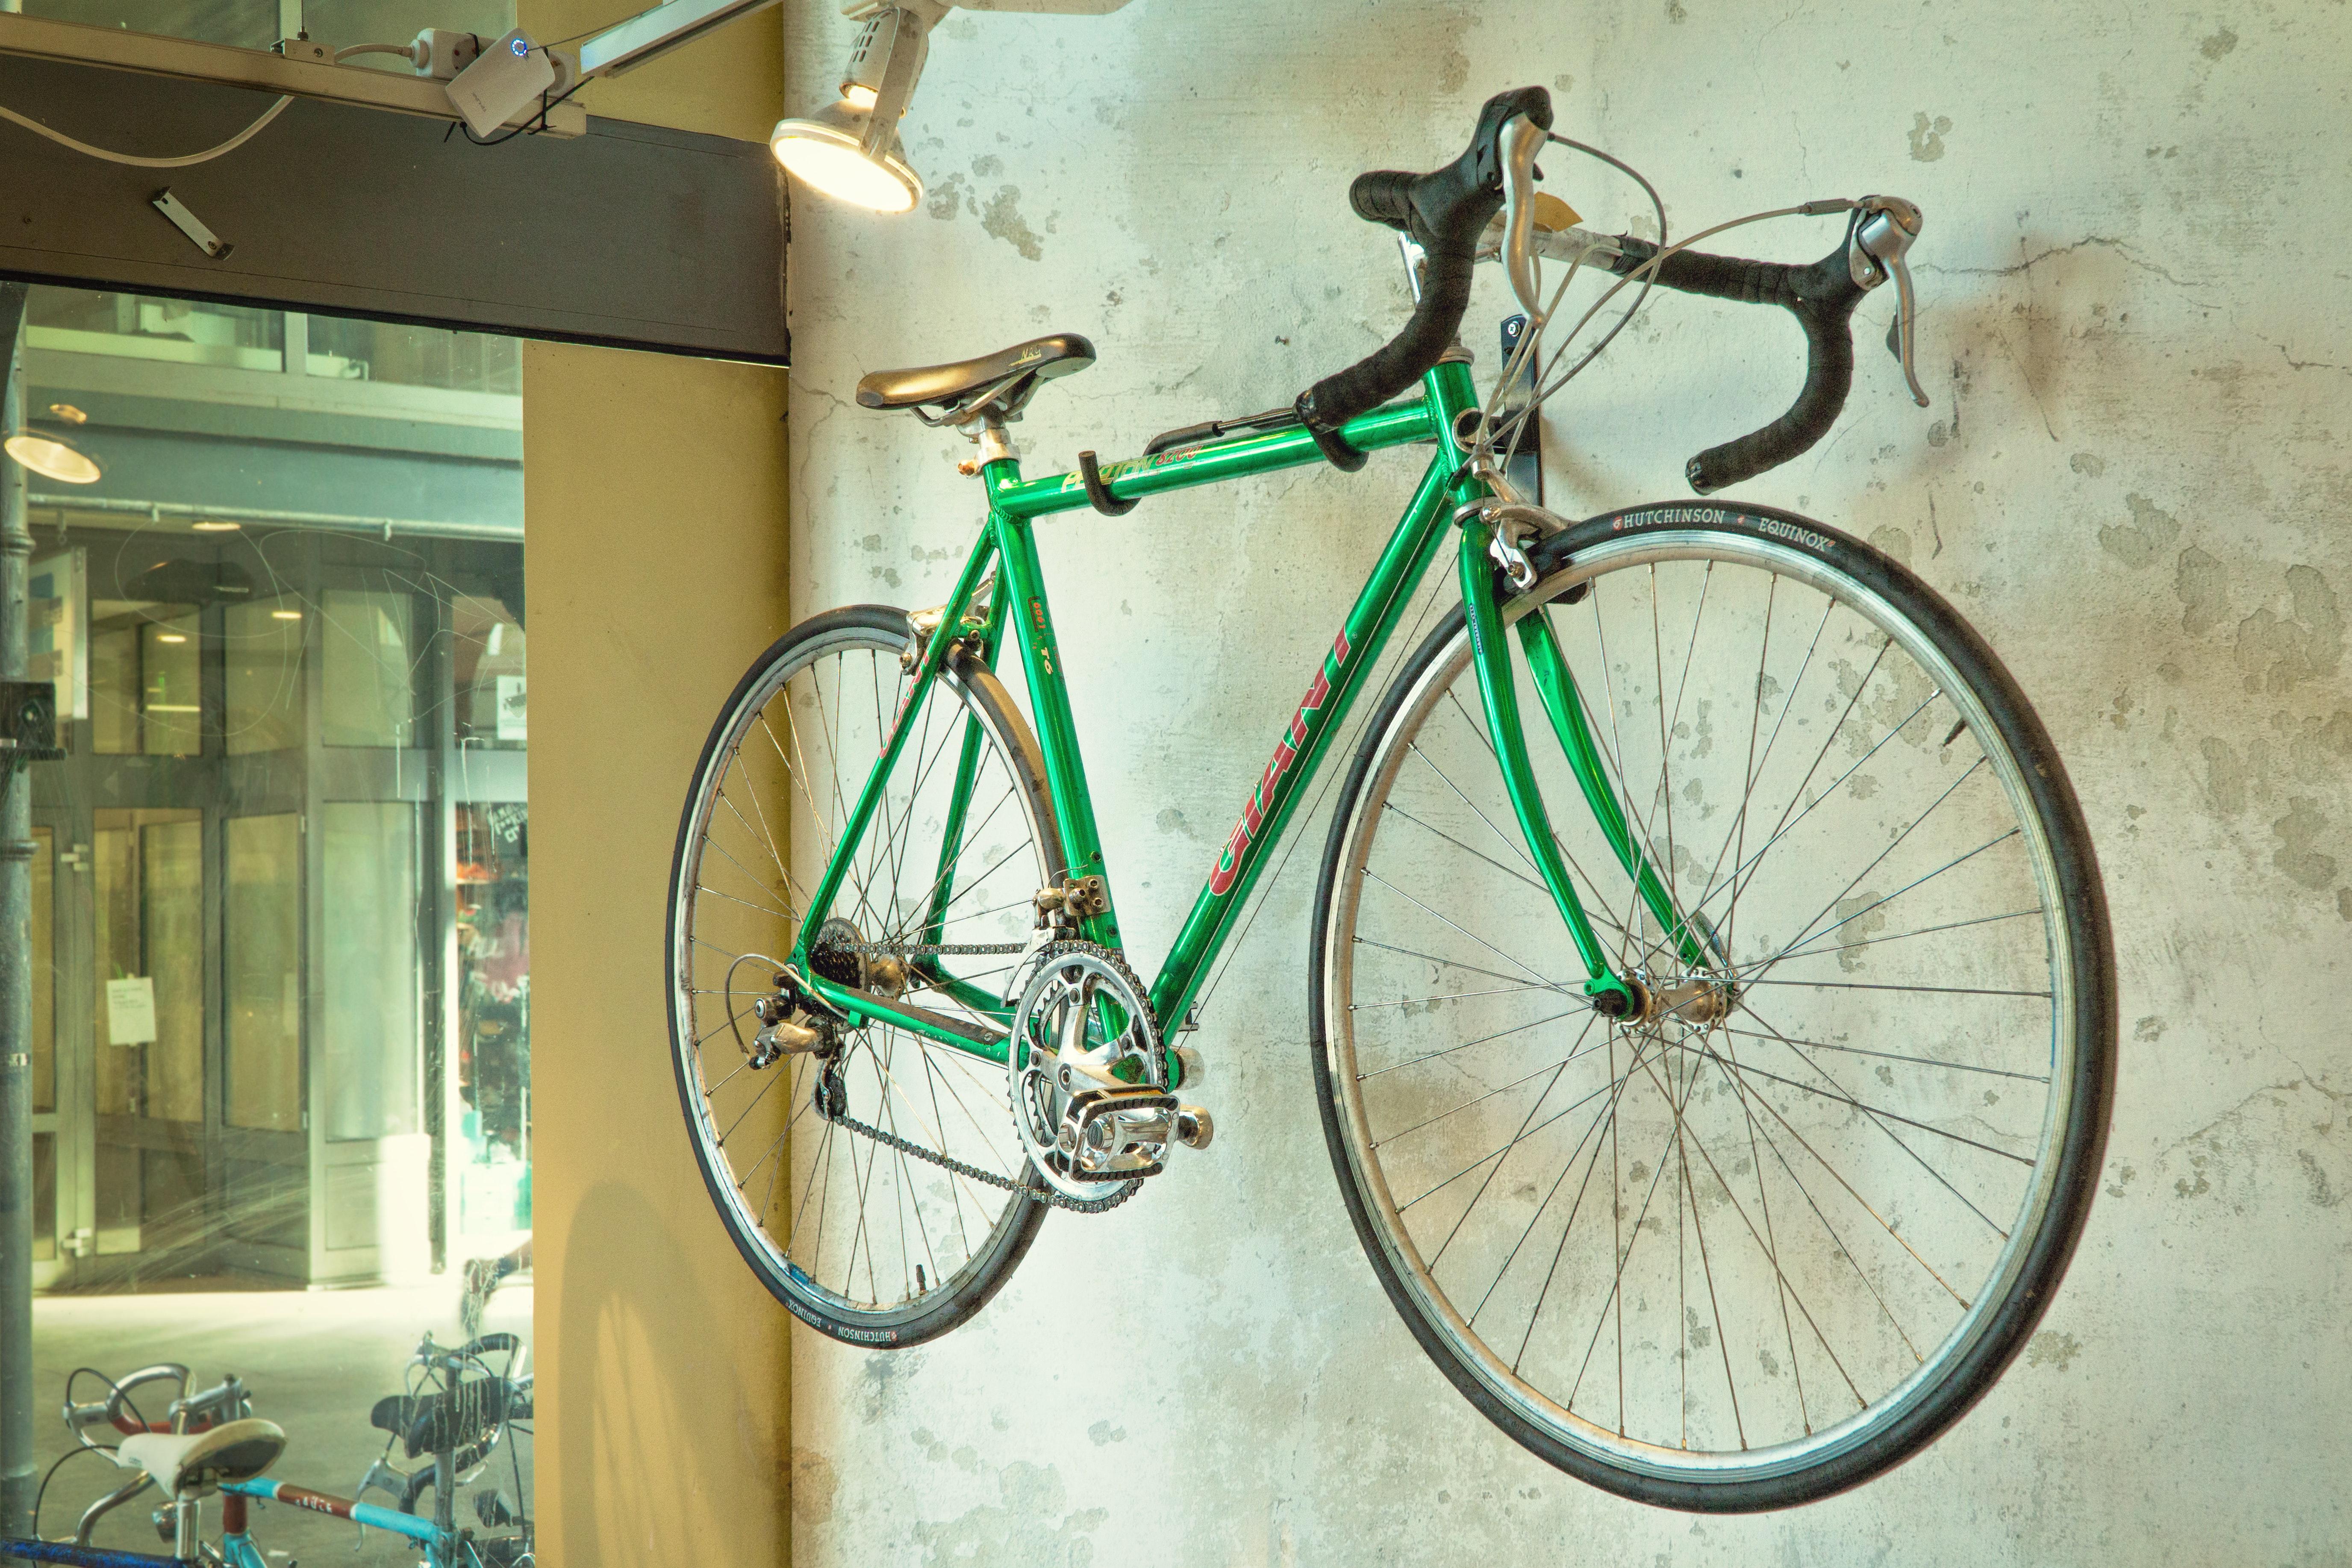 【ロードバイク メンテナンス】タイヤ交換・ホイール交換のタイミングは要注意